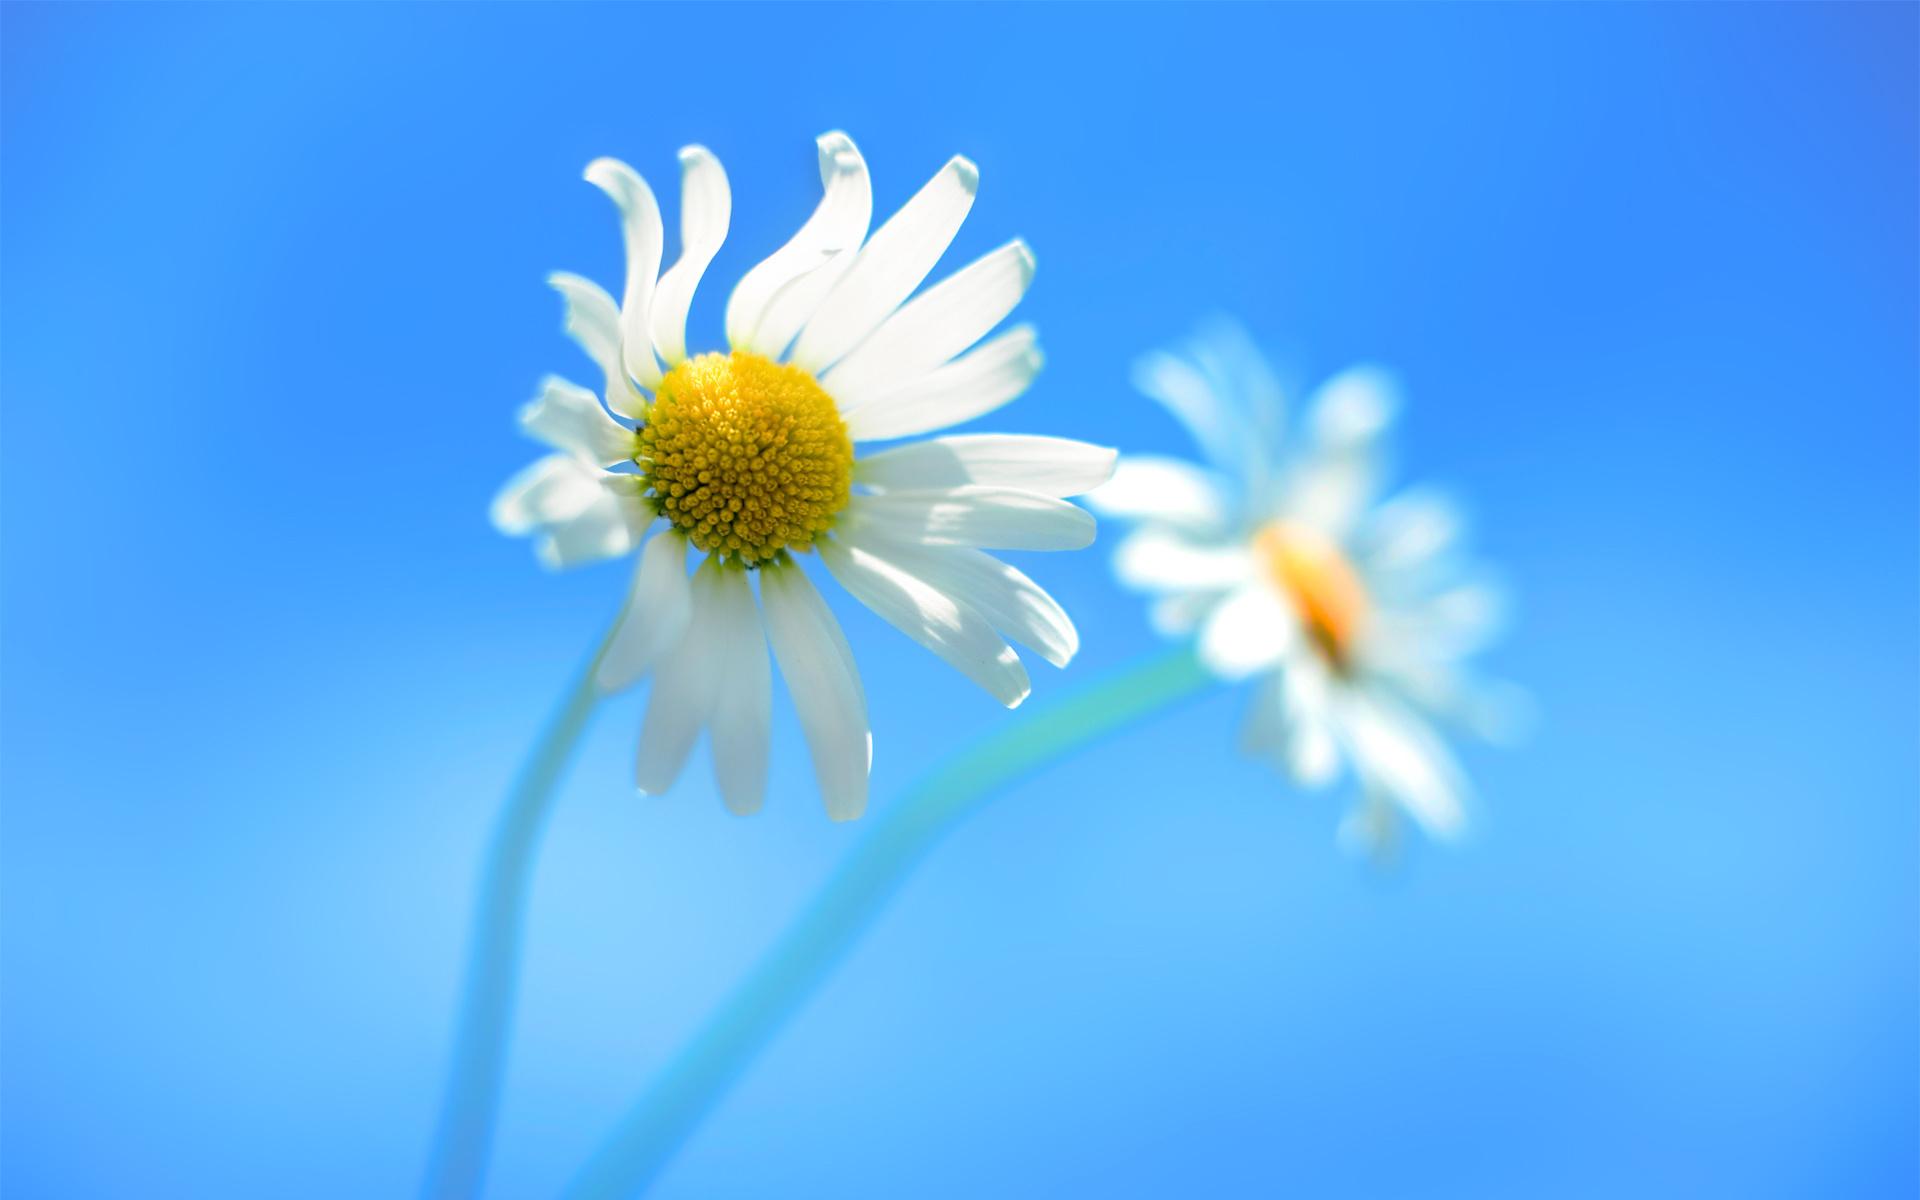 две белоснежных ромашки на фоне голубого неба, скачать фото